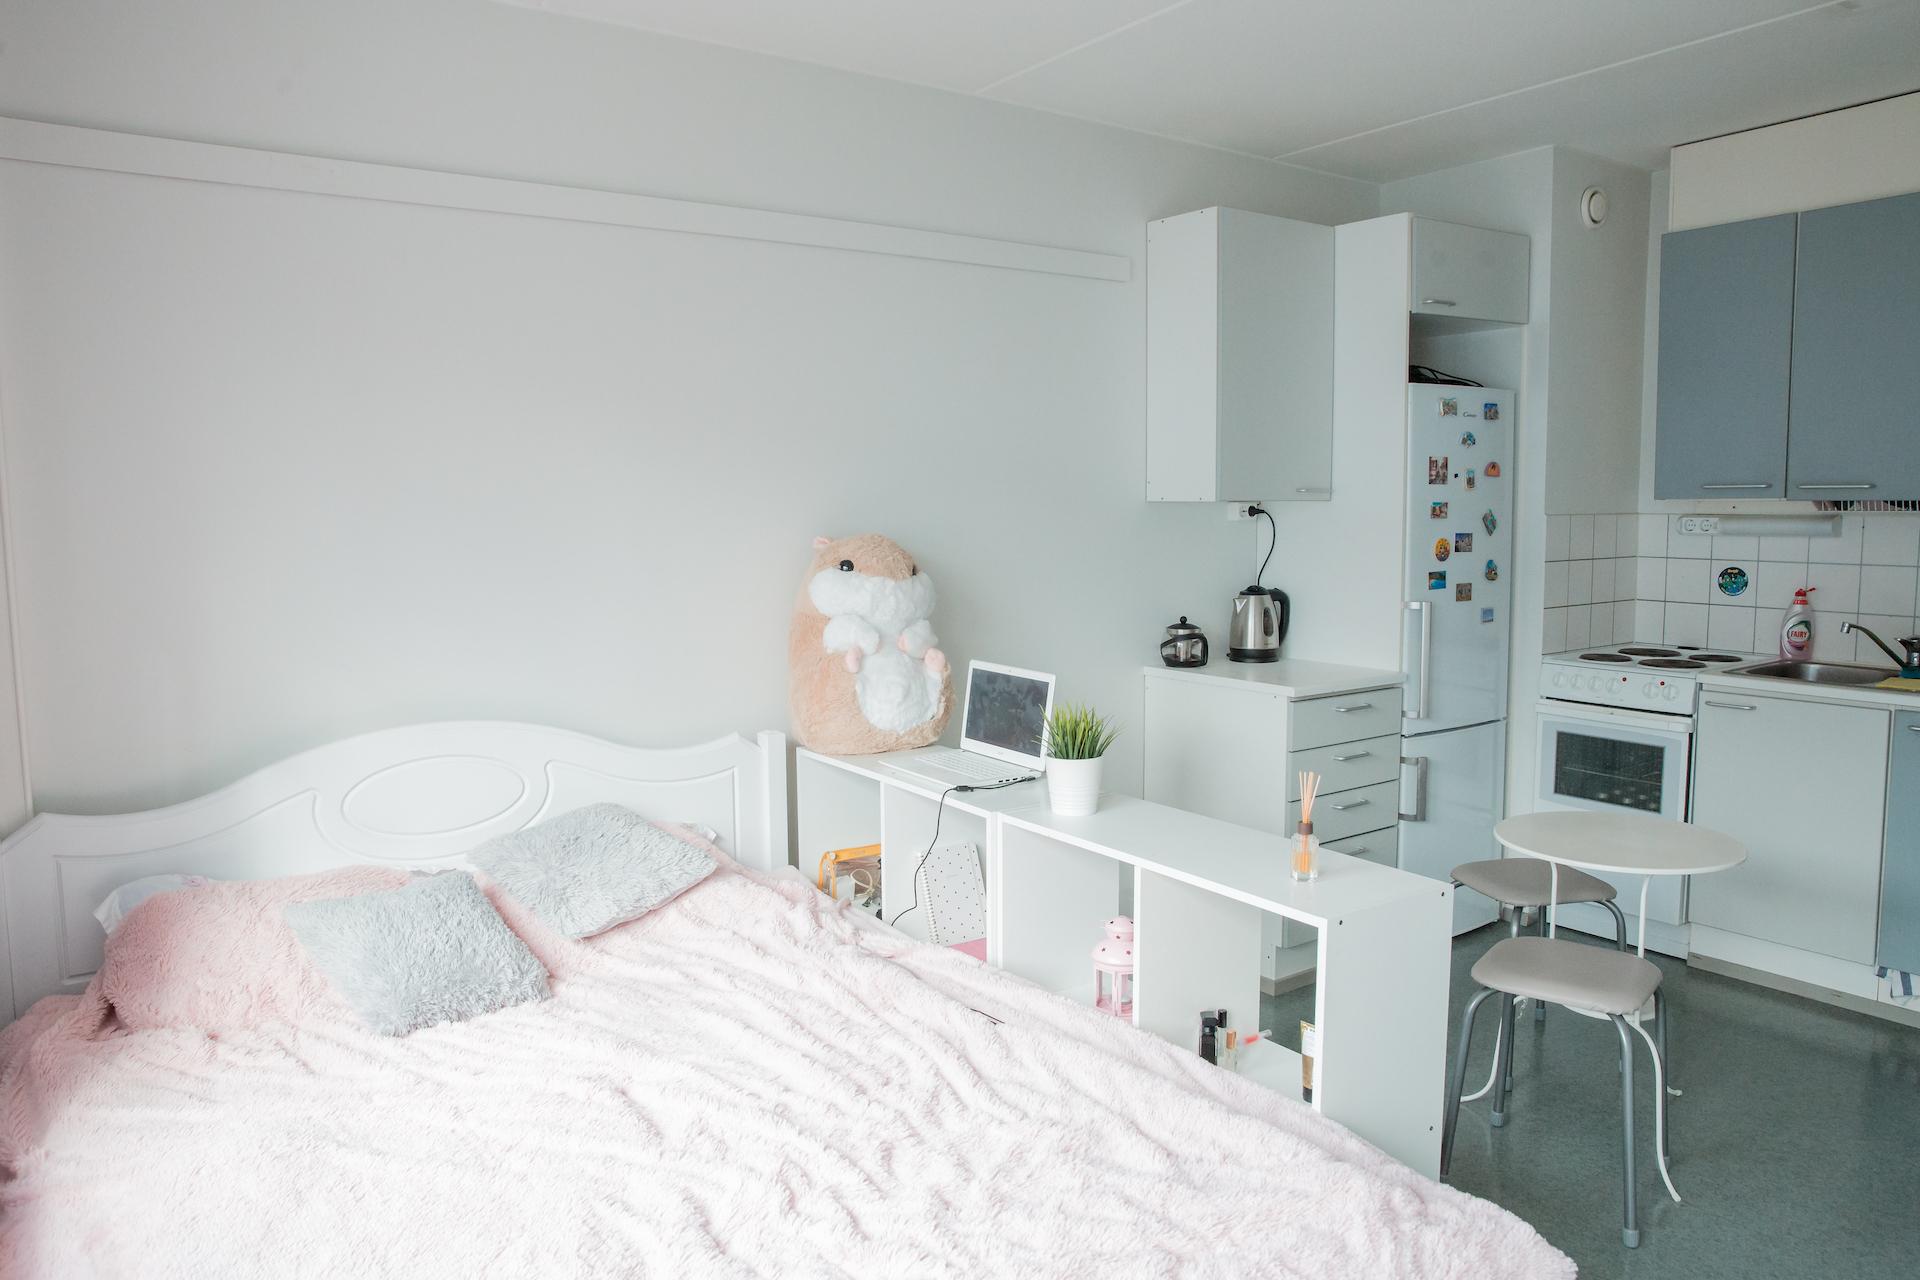 Сколько стоят квартиры в финляндии недвижимость будапешт